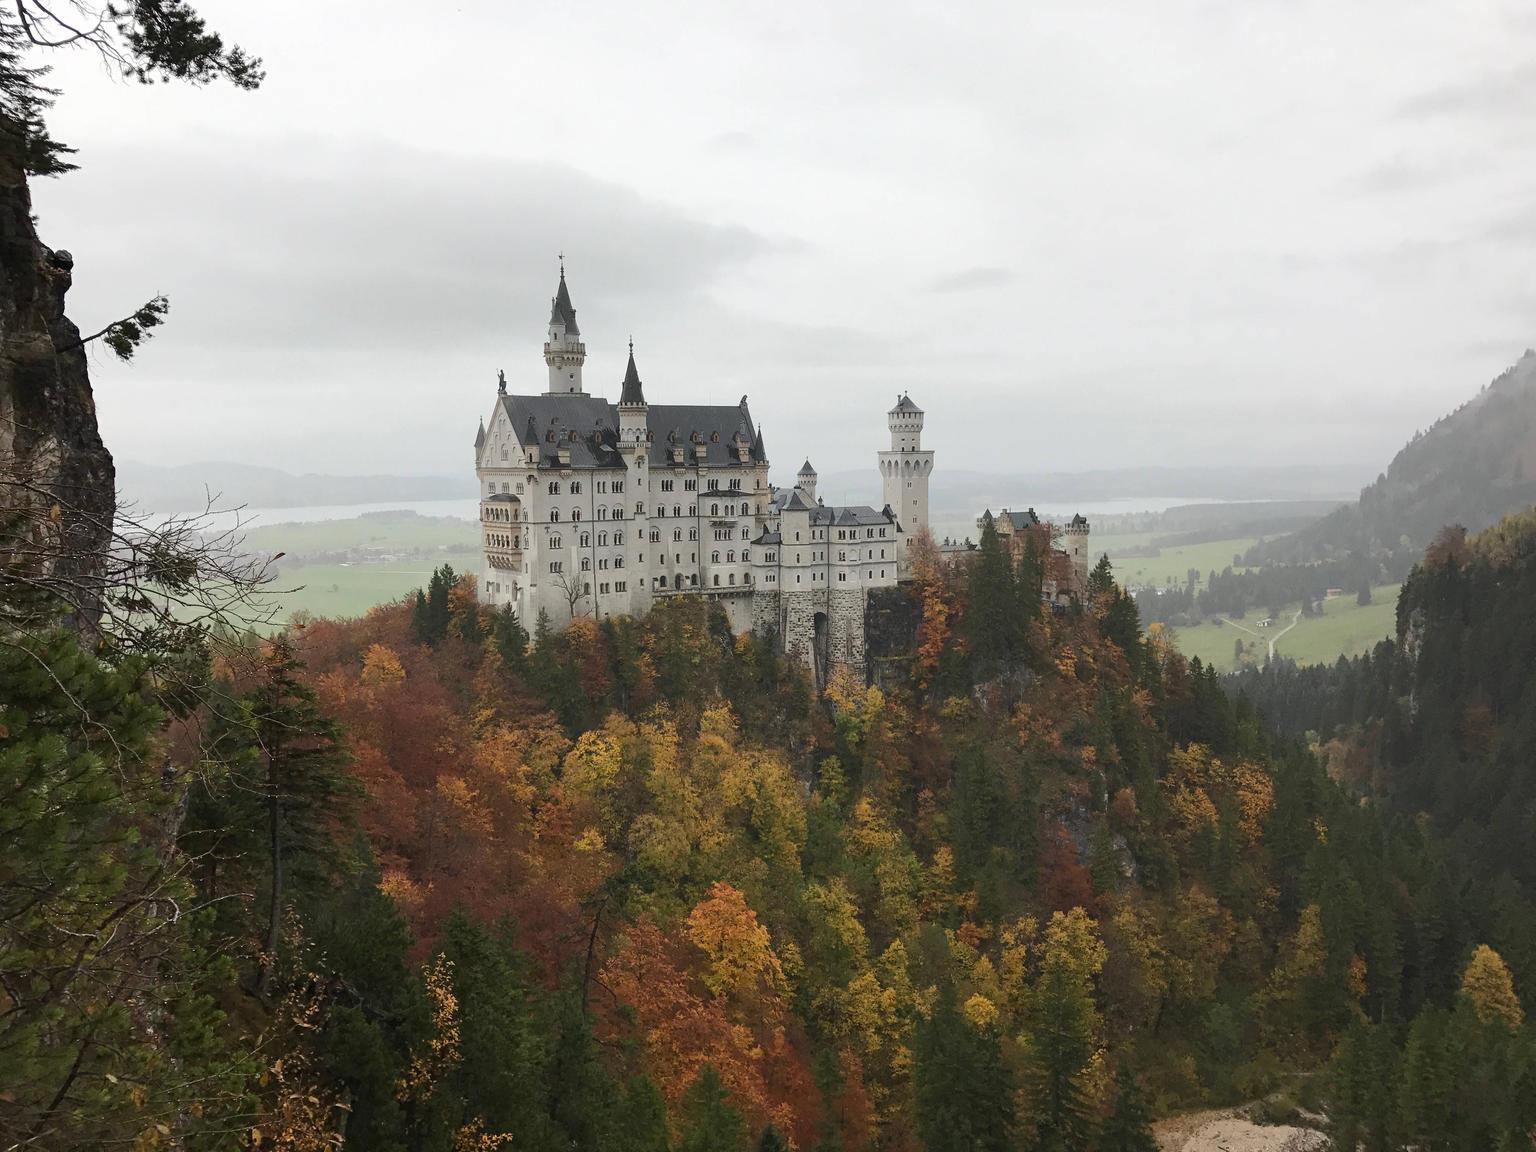 MAIS FOTOS, Excursão de bicicleta no Castelo de Neuschwanstein saindo de Munique de trem, incluindo passeio de bicicleta em fuessen